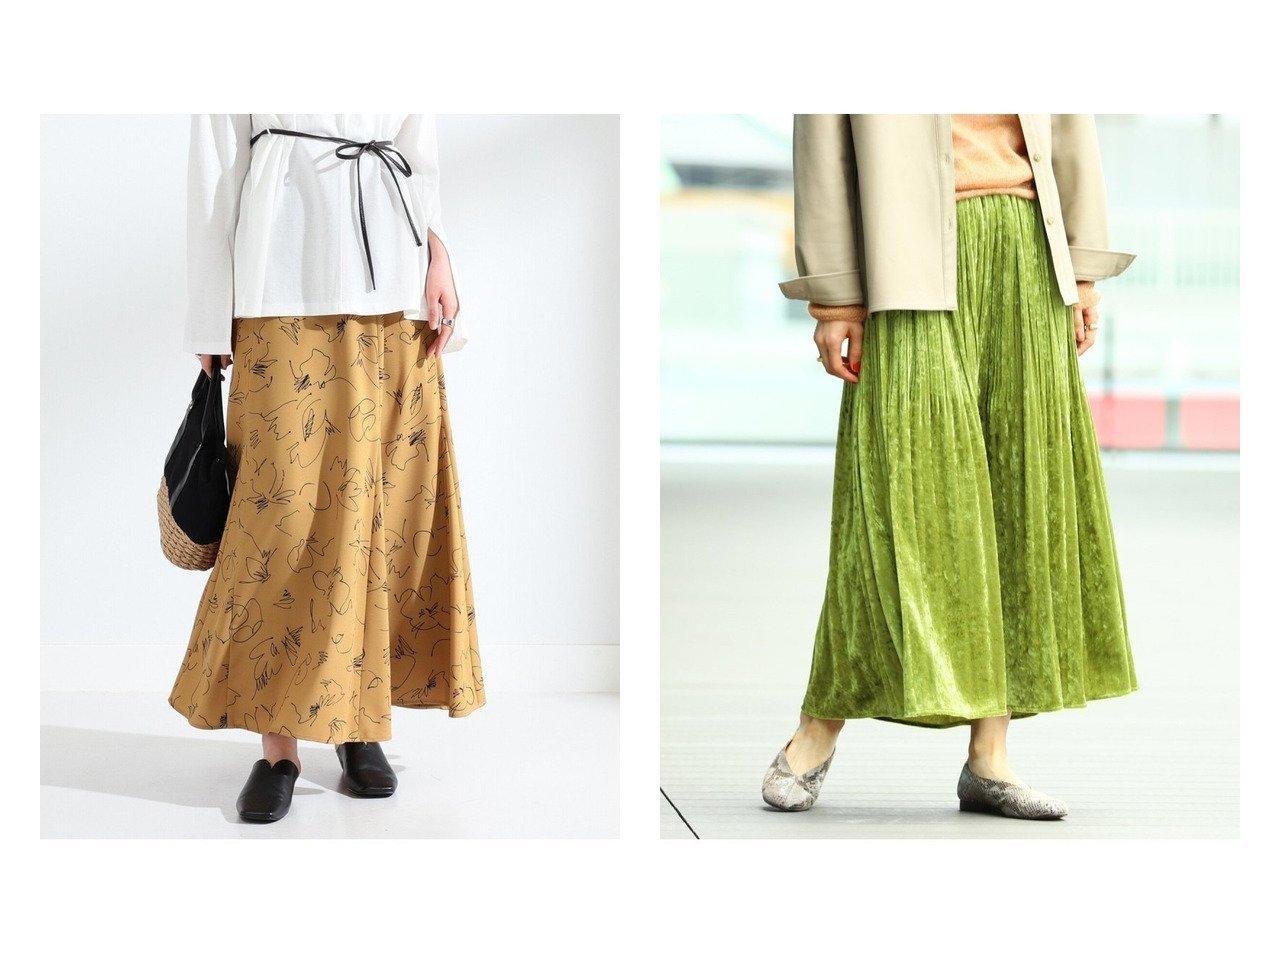 【Ray BEAMS/レイ ビームス】のクラッシュ ベロア プリーツスカート&プリント フレア マキシスカート スカートのおすすめ!人気、トレンド・レディースファッションの通販 おすすめで人気の流行・トレンド、ファッションの通販商品 メンズファッション・キッズファッション・インテリア・家具・レディースファッション・服の通販 founy(ファニー) https://founy.com/ ファッション Fashion レディースファッション WOMEN スカート Skirt プリーツスカート Pleated Skirts ロングスカート Long Skirt カットソー ギャザー クラッシュ プリーツ ベロア ロング A/W 秋冬 AW Autumn/Winter / FW Fall-Winter NEW・新作・新着・新入荷 New Arrivals とろみ トレンド フレア プリント マキシ 再入荷 Restock/Back in Stock/Re Arrival |ID:crp329100000011763